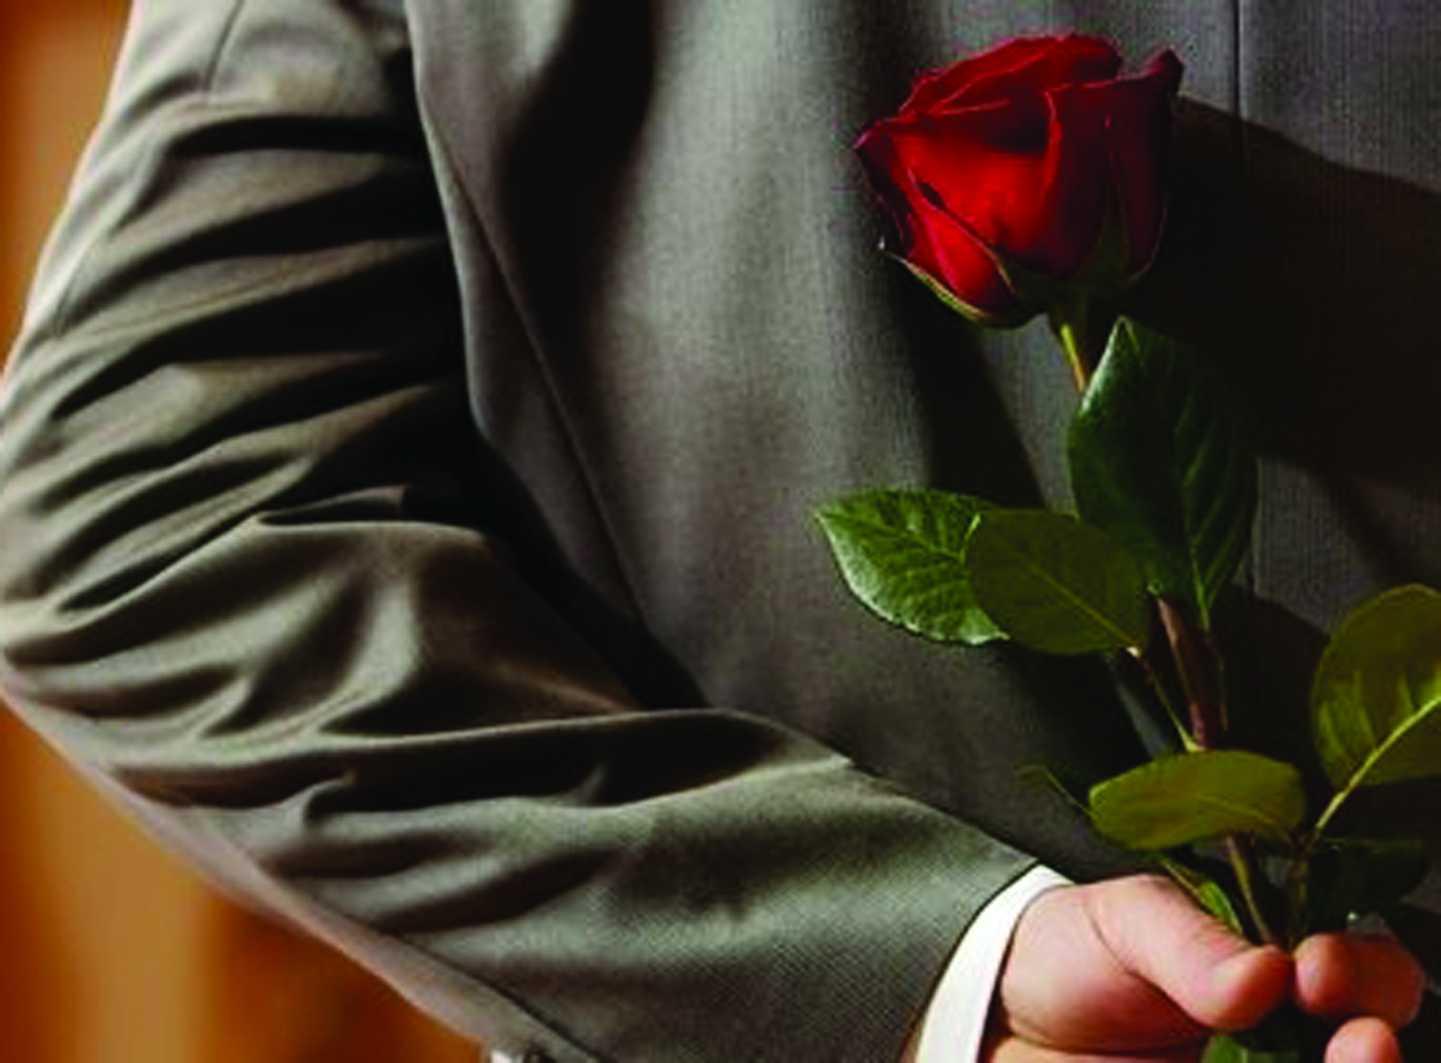 Картинки с розой в руке у парня